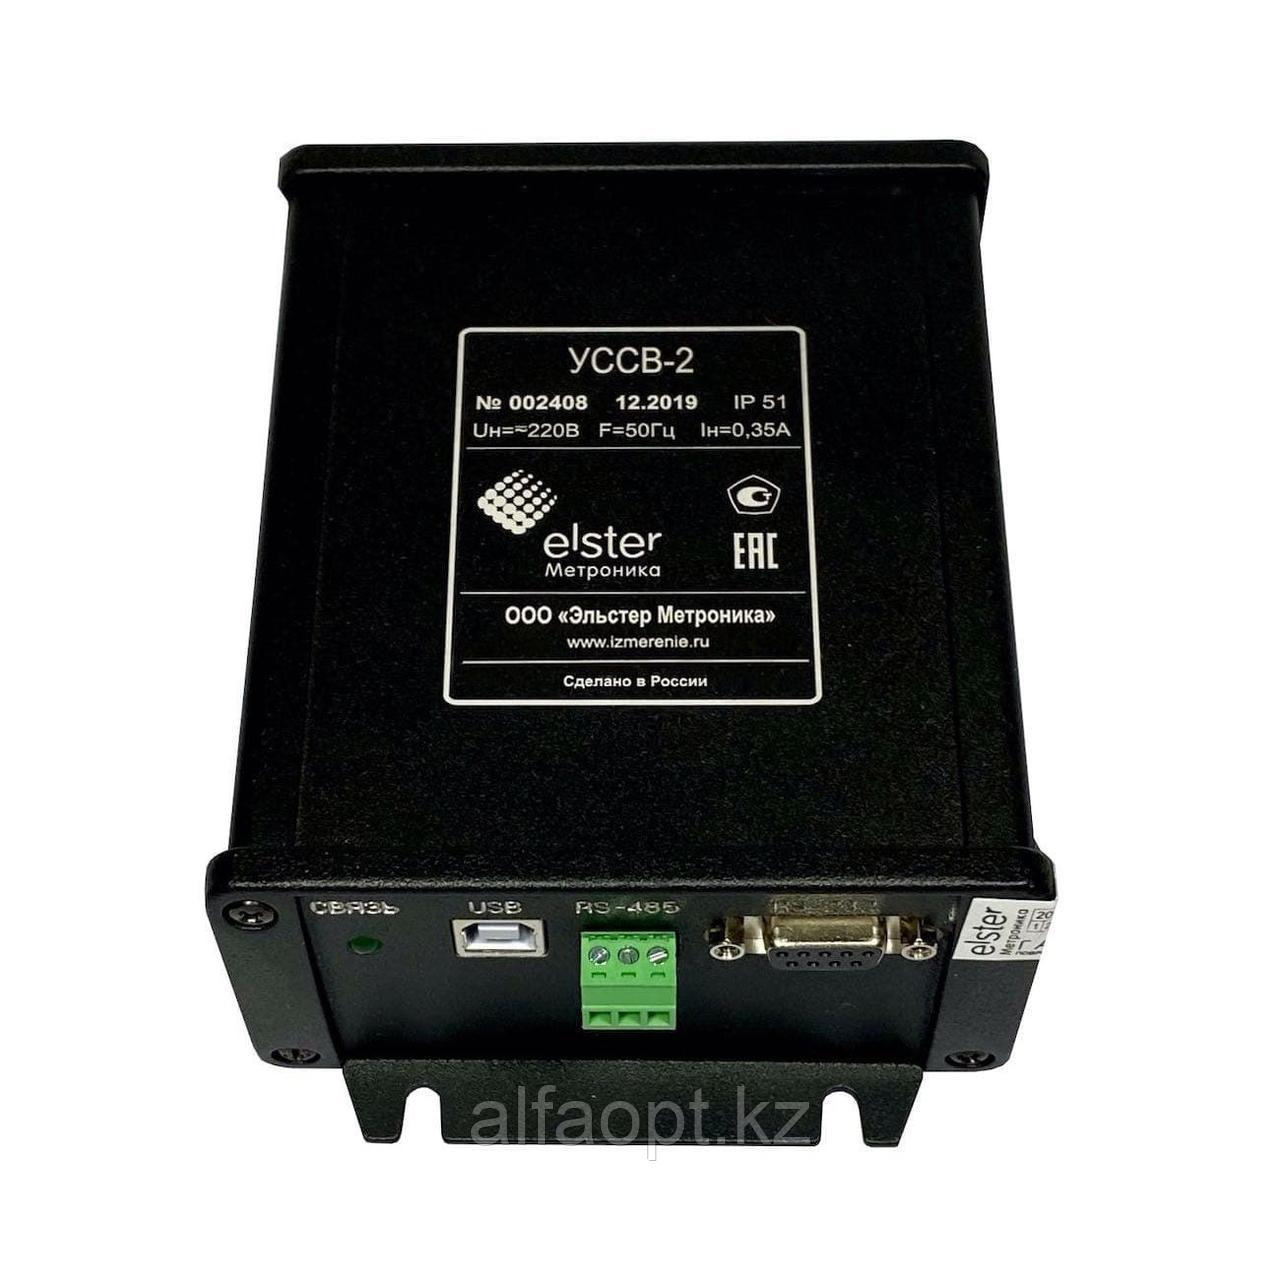 УССВ-2.01 в комплекте с антенной ГЛОНАСС/GPS с кабелем 5м и дополнительным удлинительным кабелем 20м